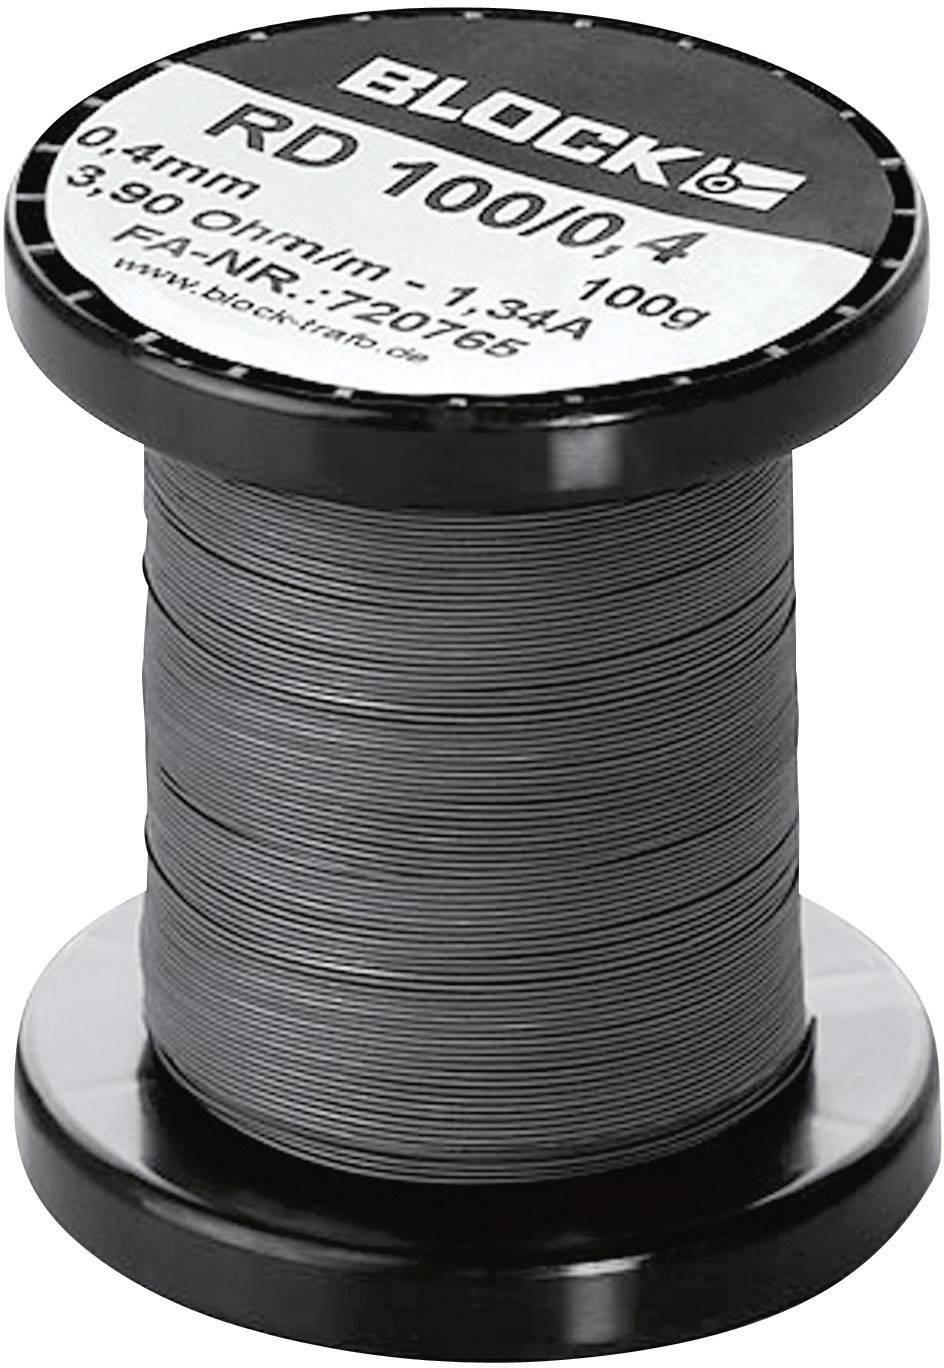 Odporový drôt Block RD 100/0,4, 3.9 Ω/m, 89 m